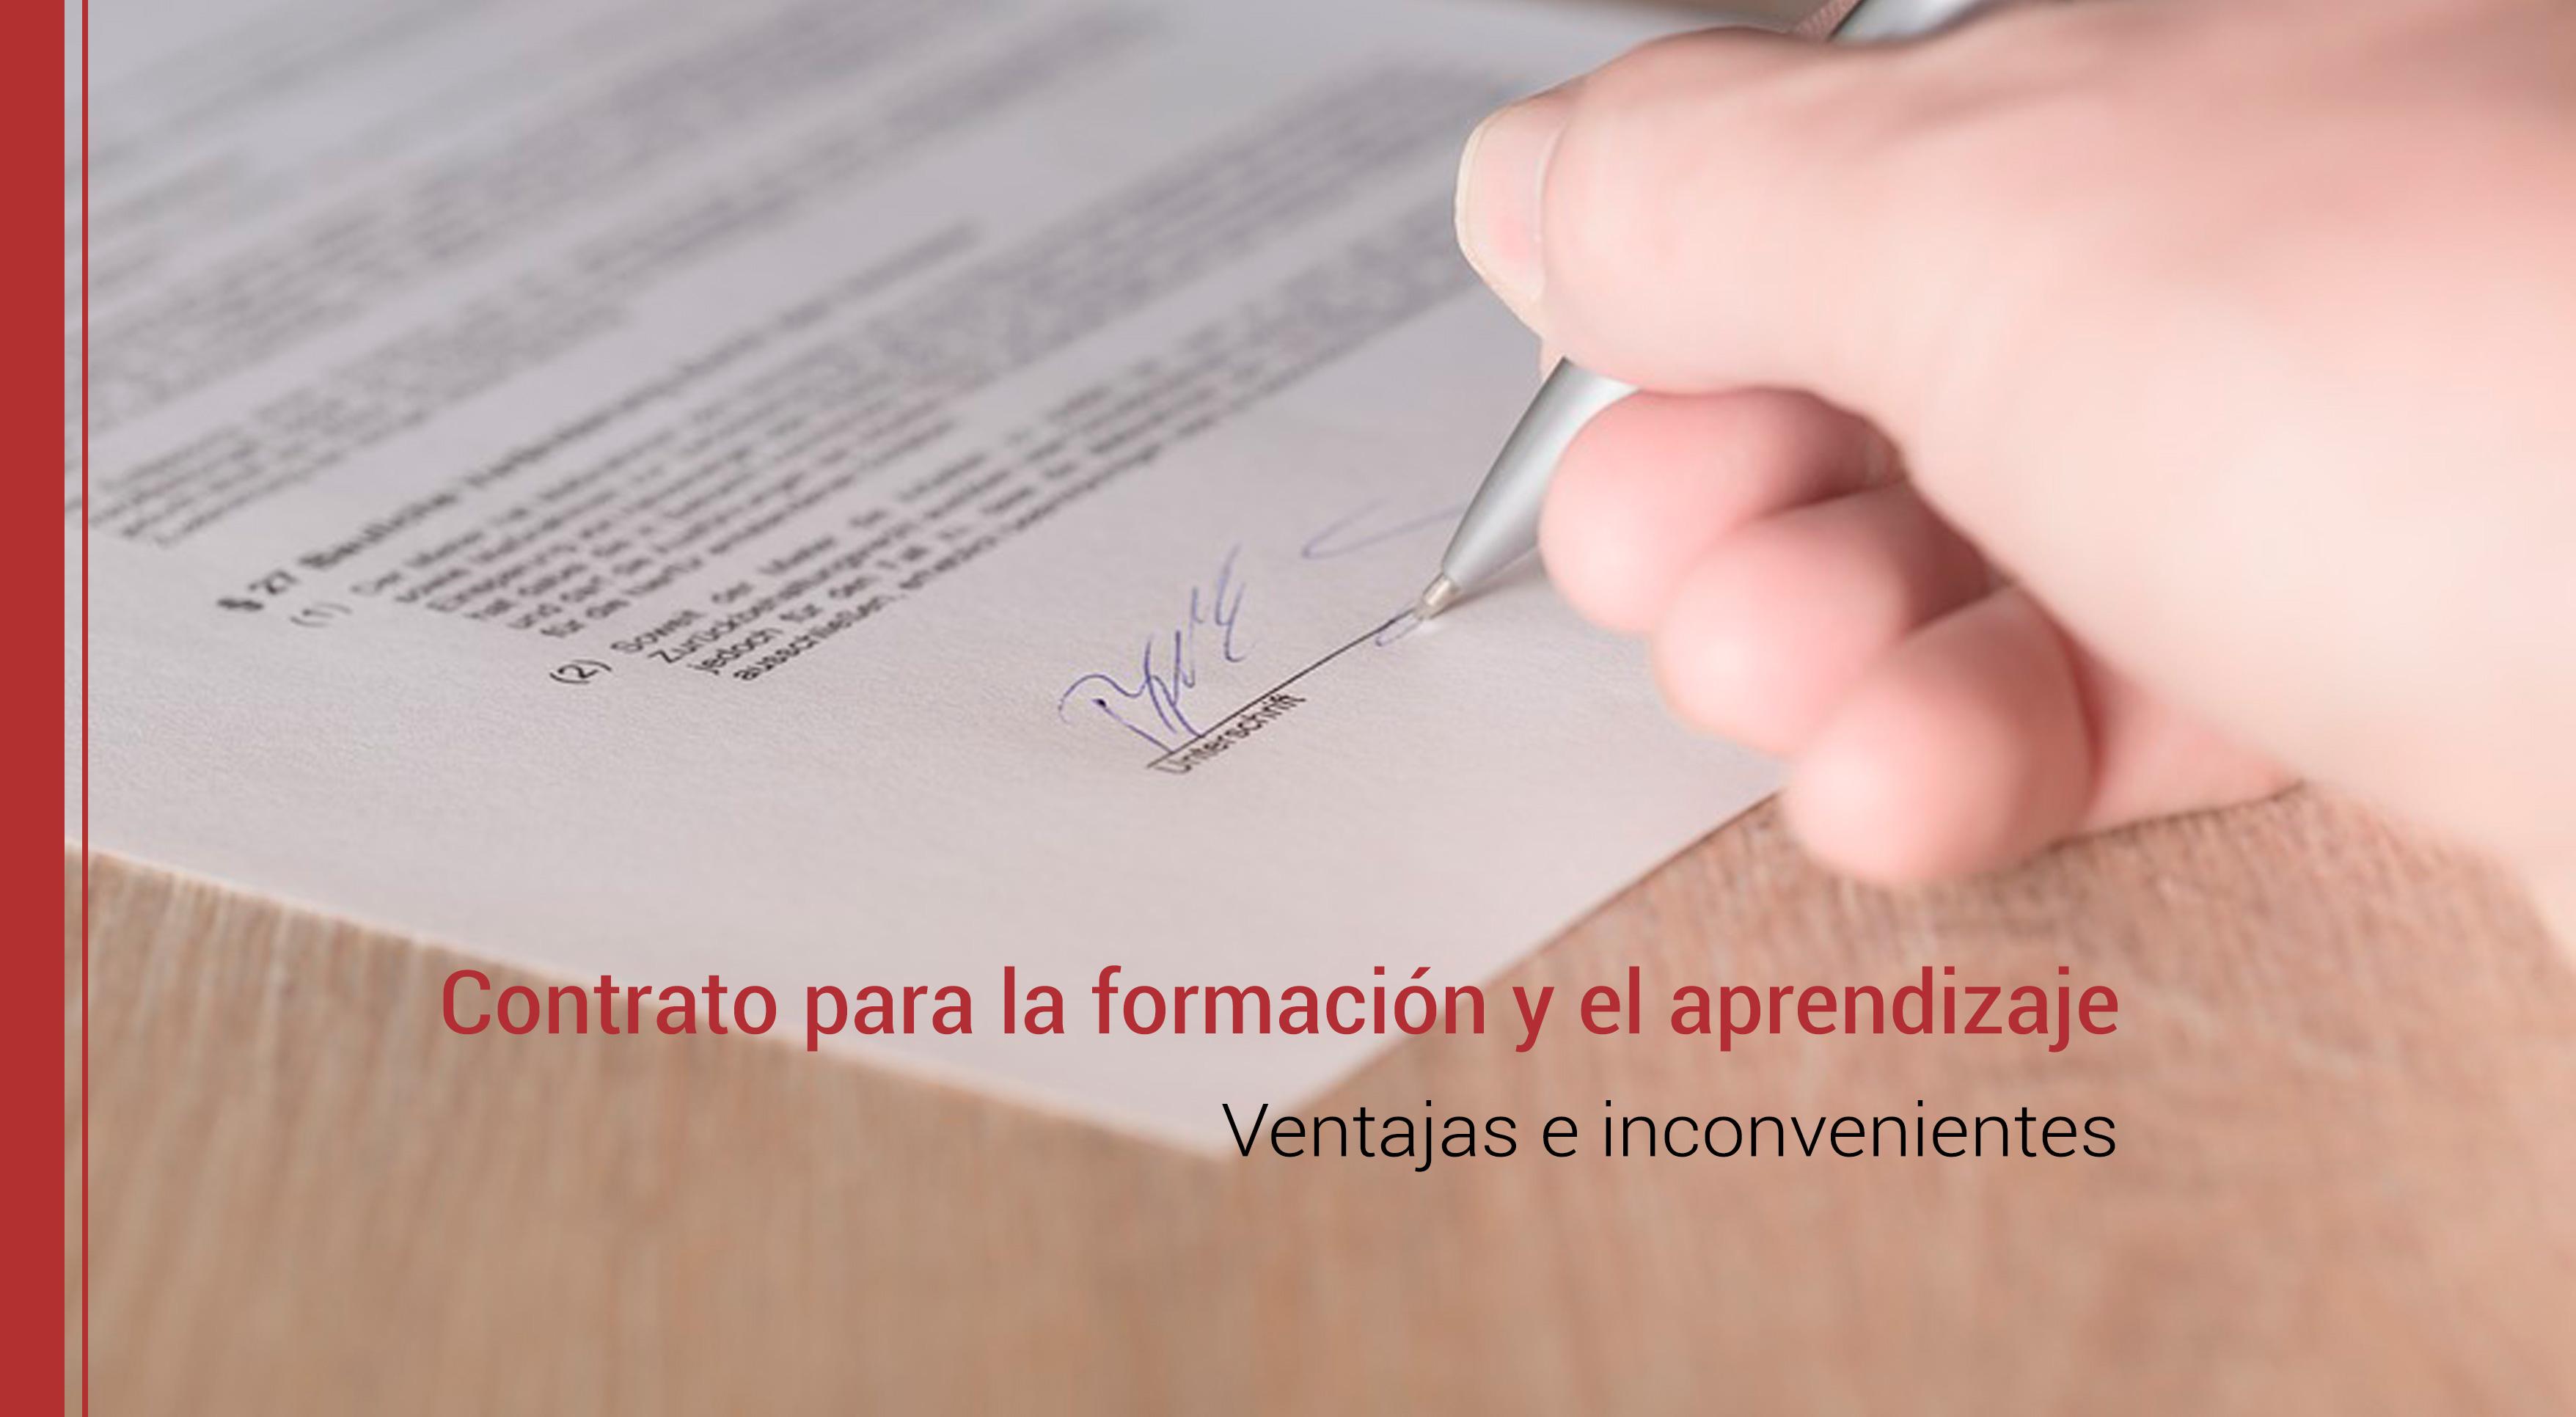 contrato-para-formacion-aprendizaje-ventajas-inconvenientes Contrato para la formación y el aprendizaje: ventajas e inconvenientes